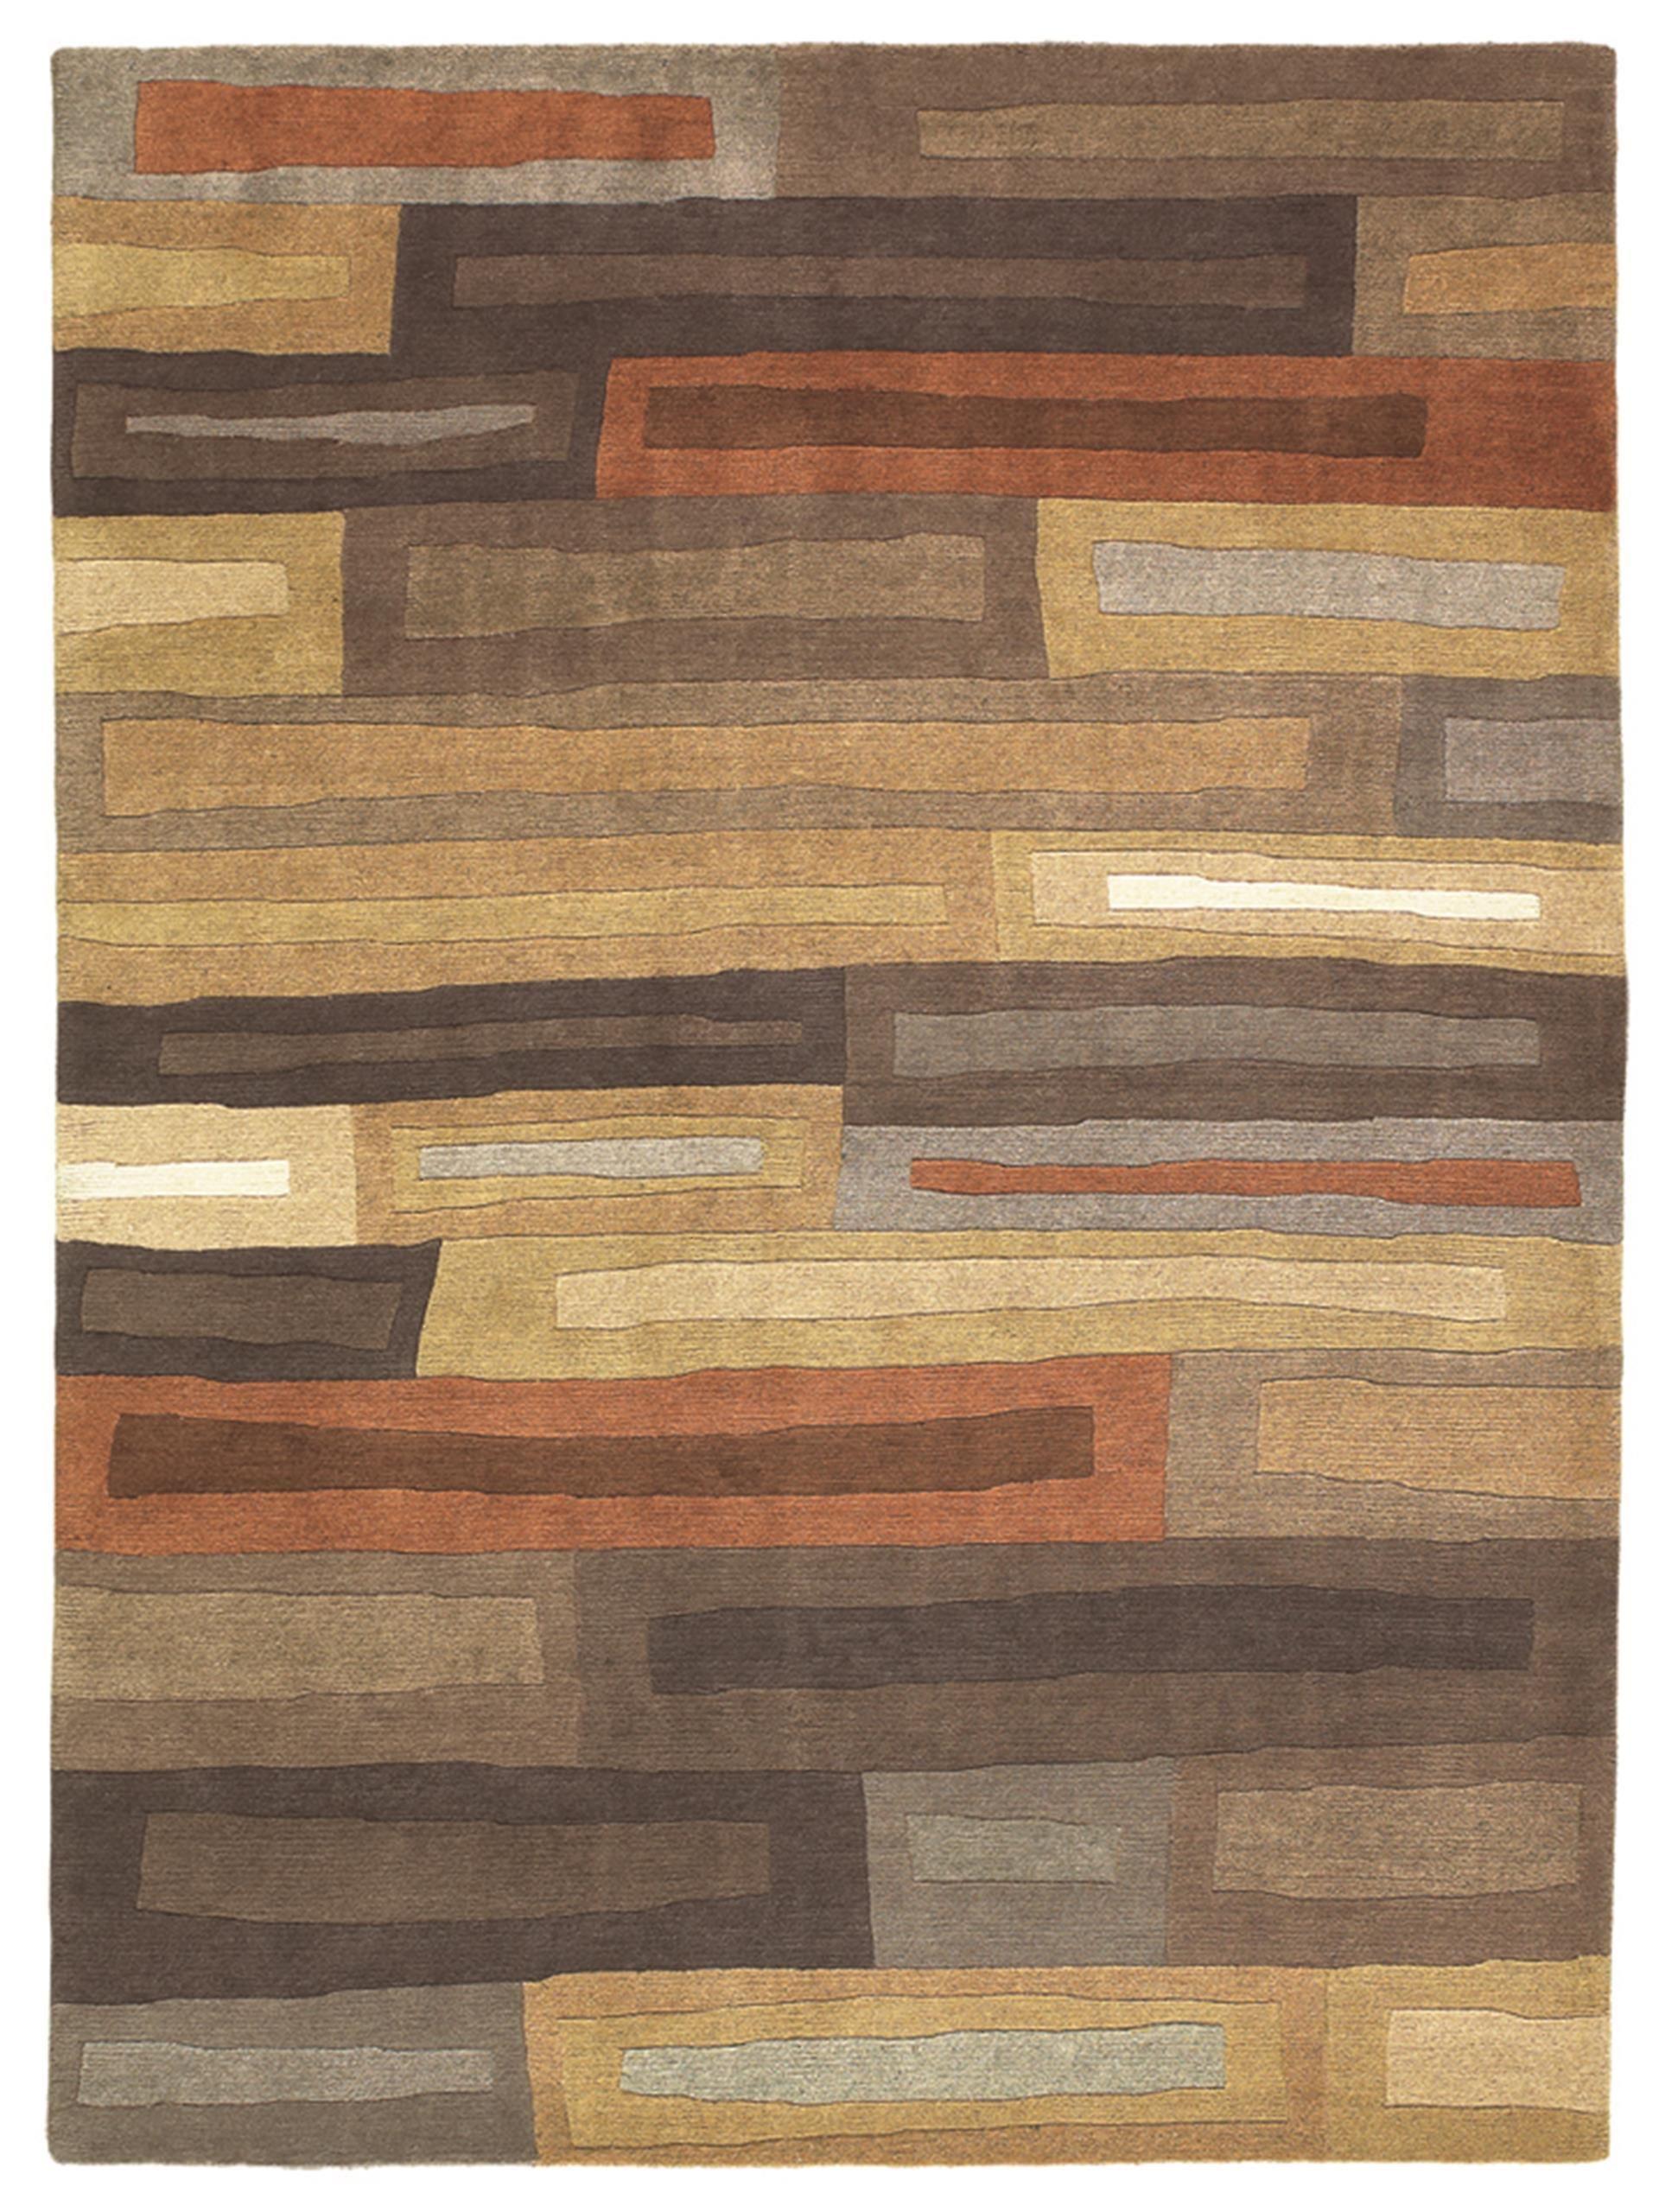 Kodari Bricks 99705 Brown Orange Hand Knotted Wool Rugs By Brink Campman Online From The Rug Er Uk